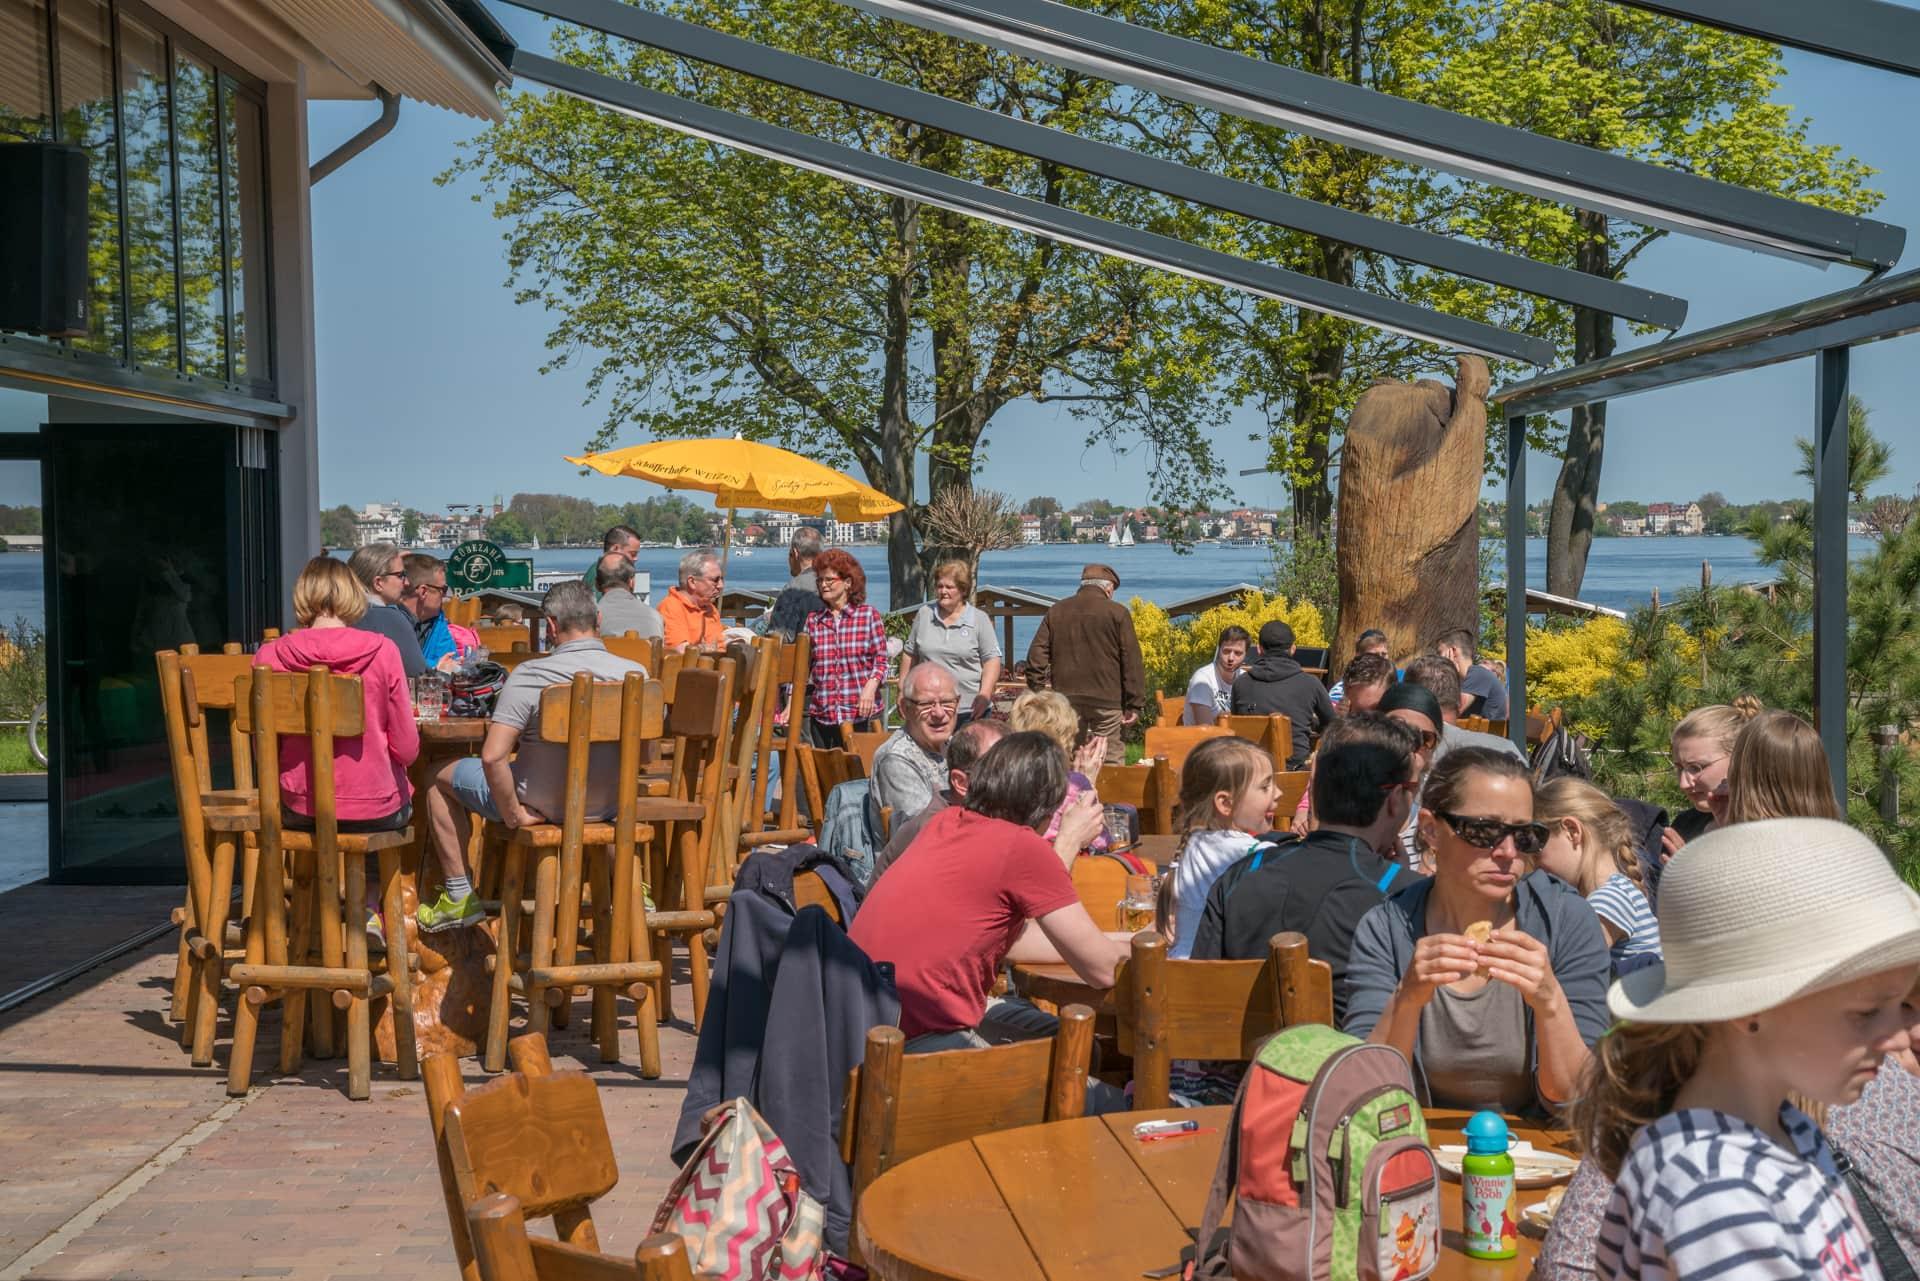 Biergarten Berlin – Die Bärenalm bietet zu jeder Zeit leckeres für zwischendurch